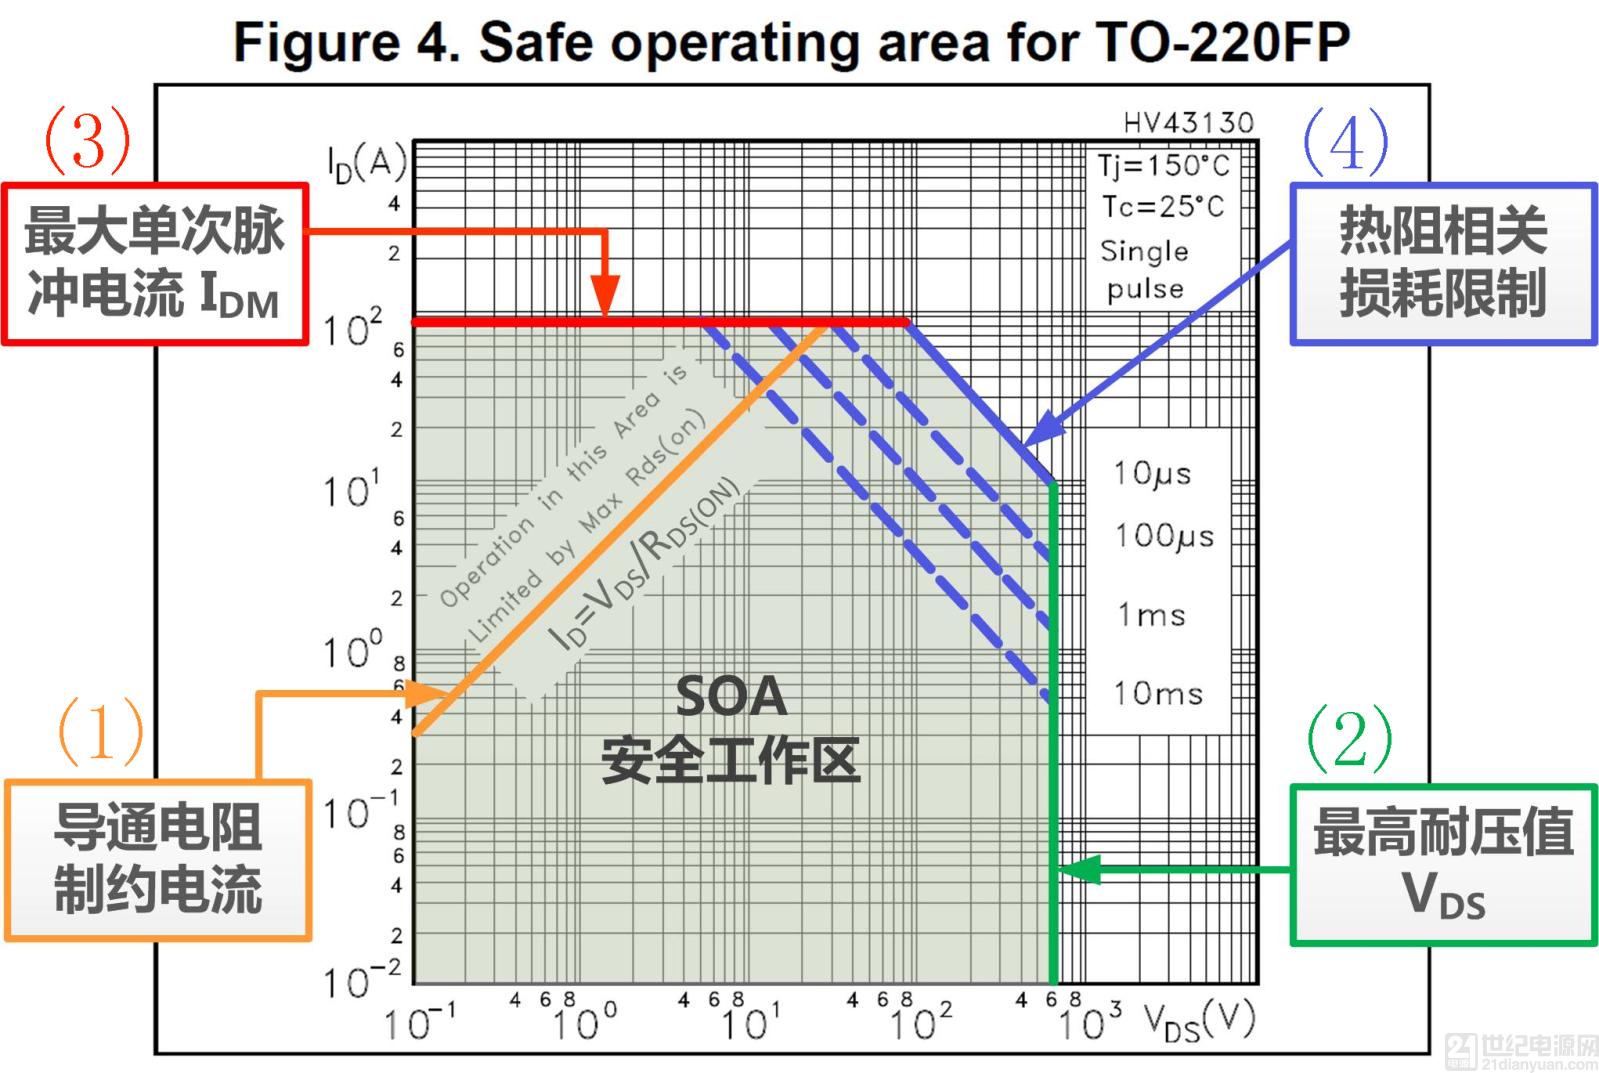 板子上的 MOS 管真的能持續安全工作嗎?